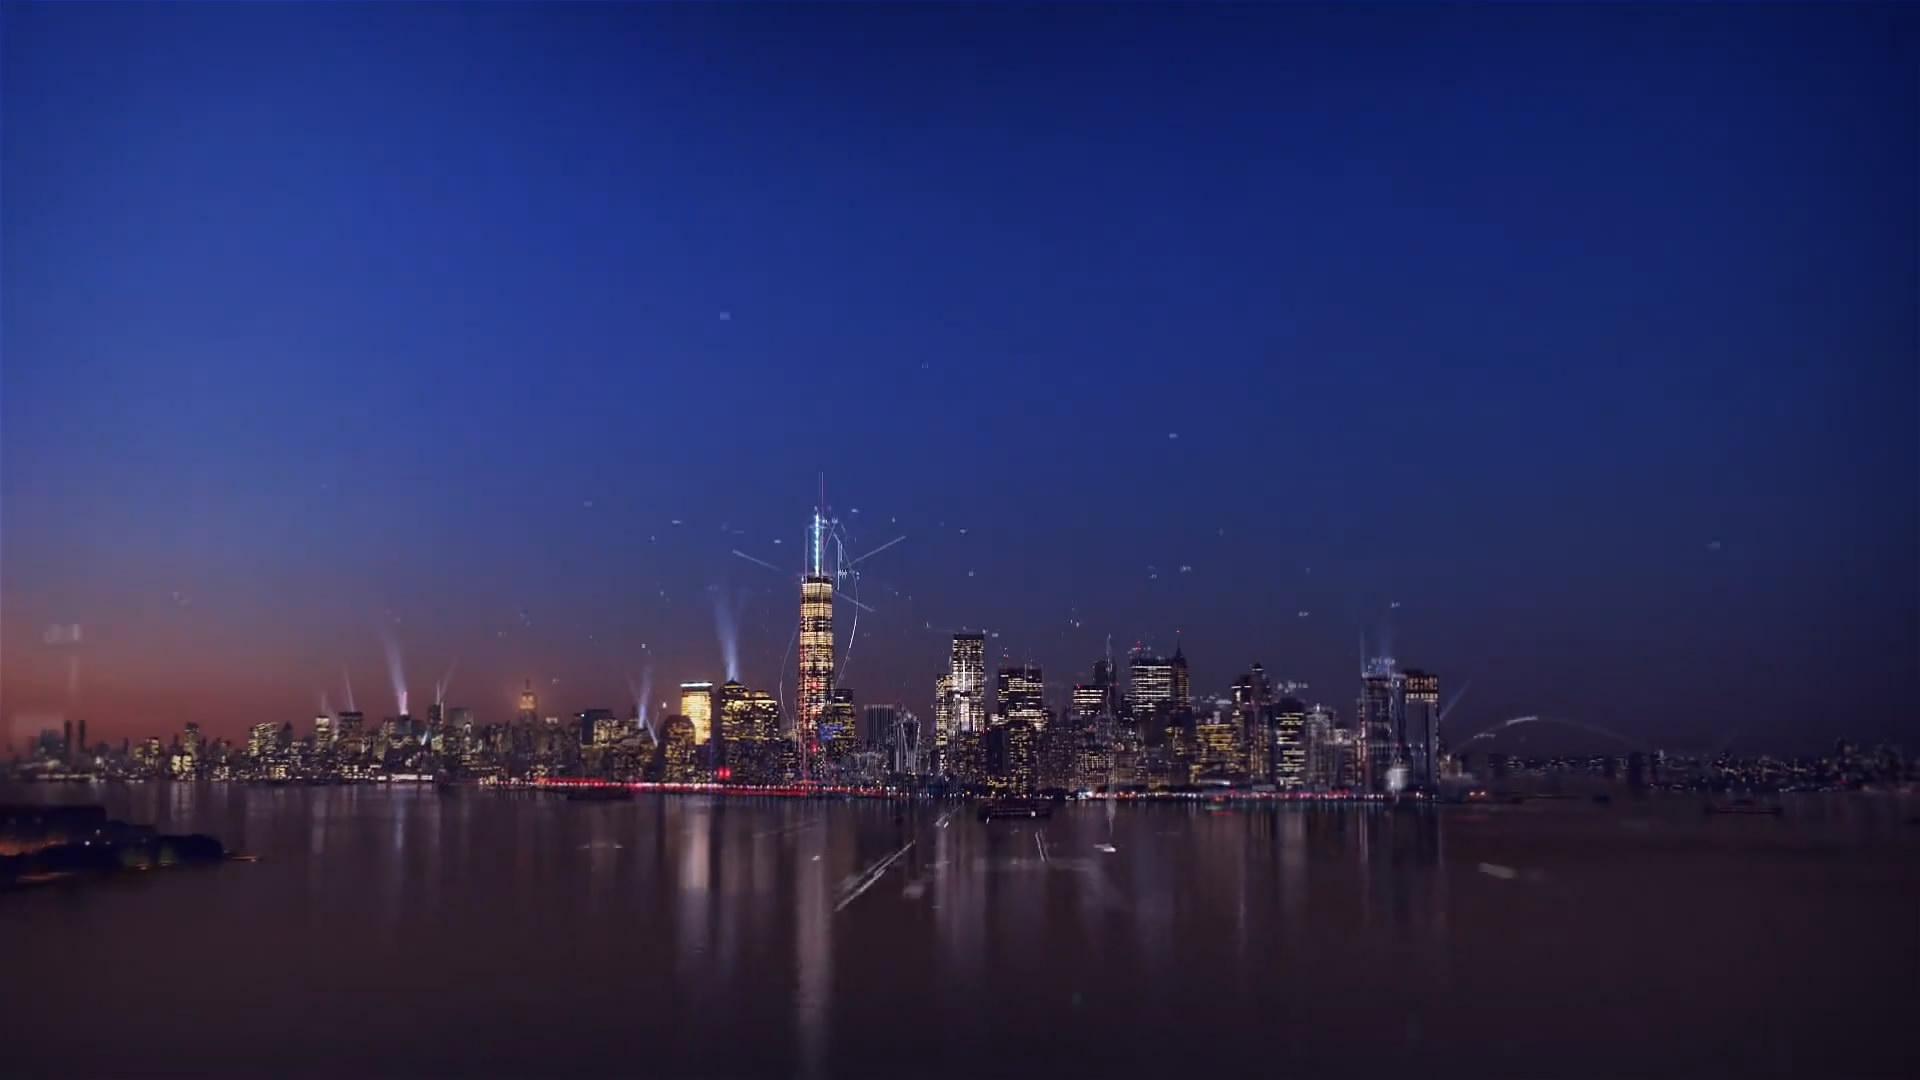 NBC地球夜景穿梭城市夜景过渡标板构图夜景